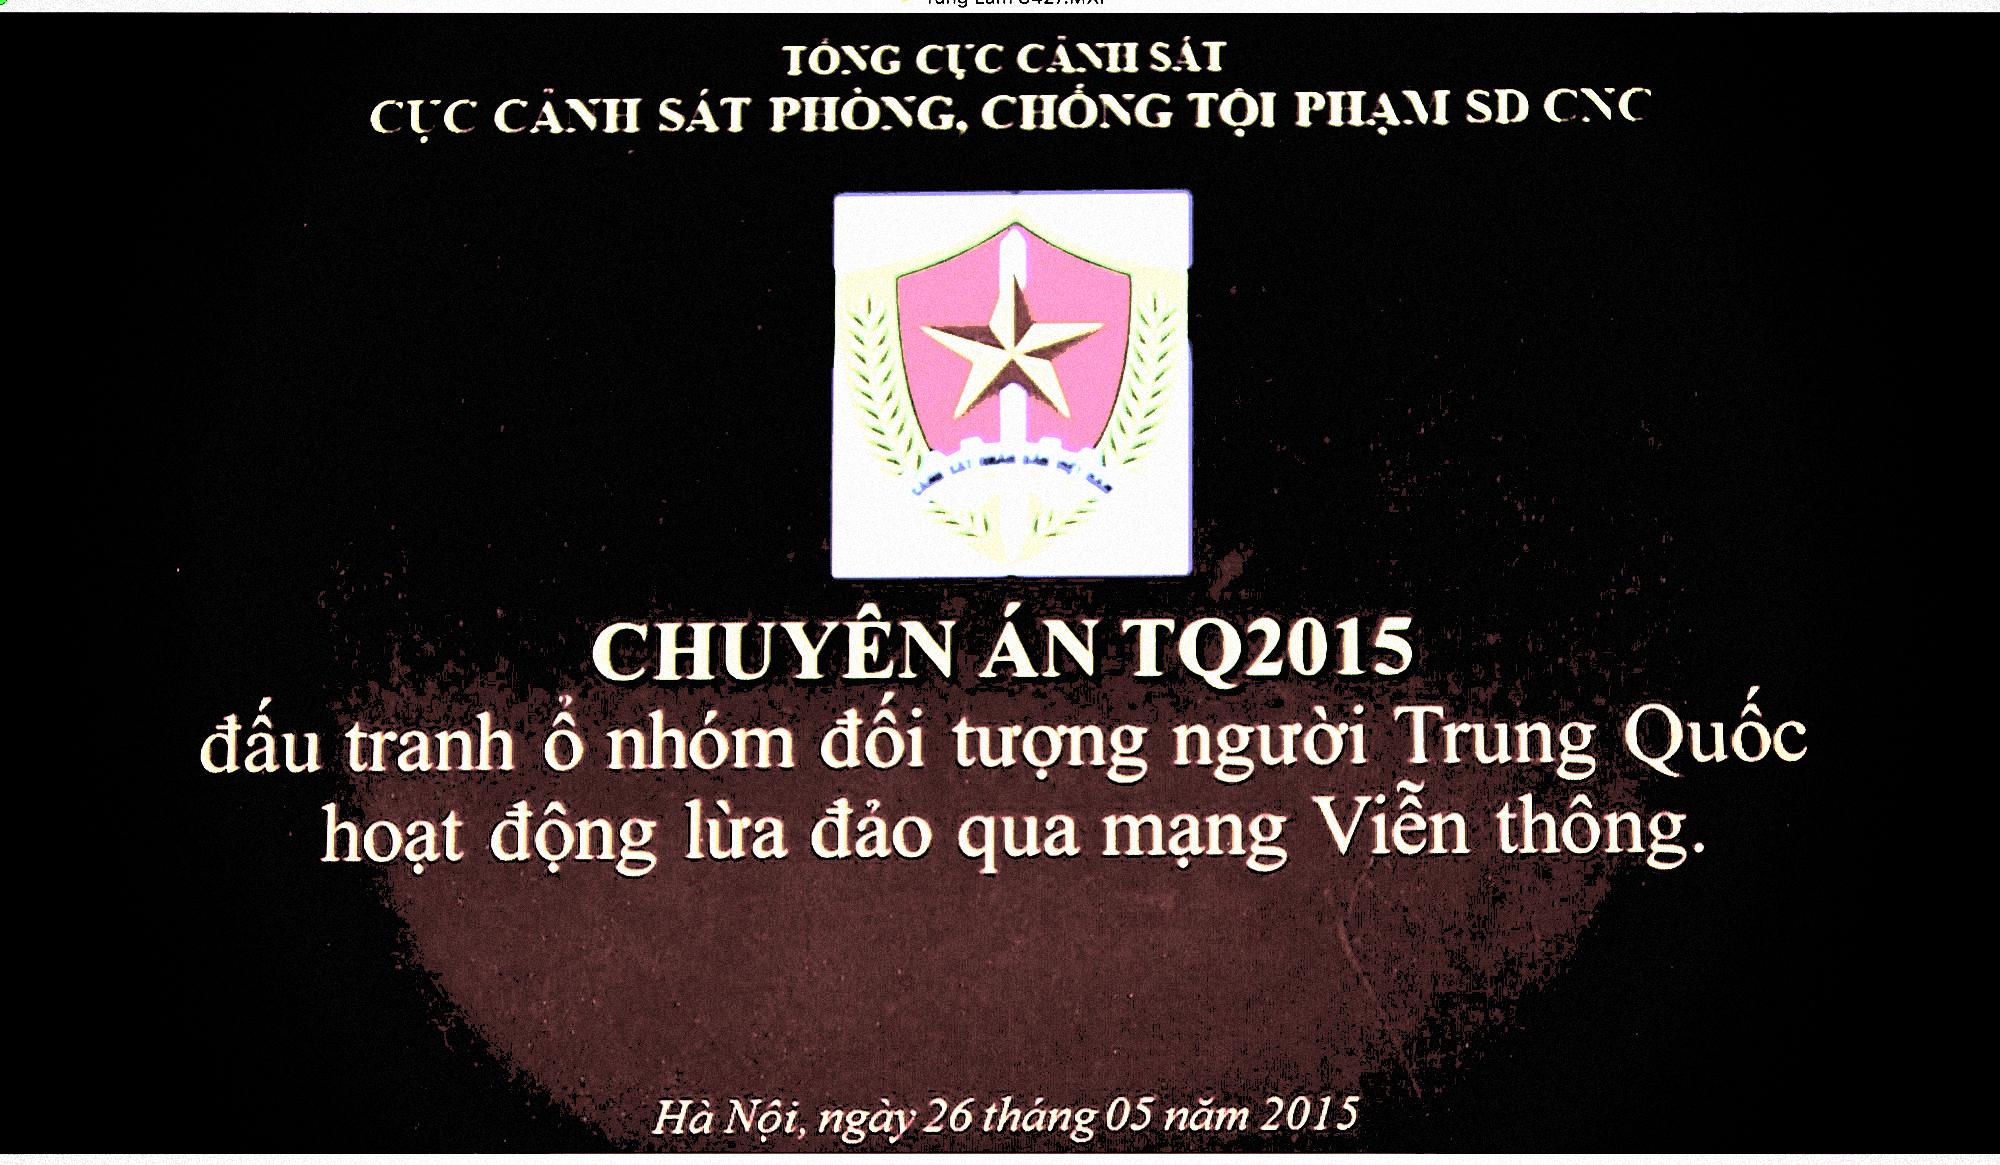 """Lần theo dấu vết: Lật tẩy những """"kịch bản"""" siêu lừa của nhóm đối tượng người Trung Quốc - Ảnh 4."""